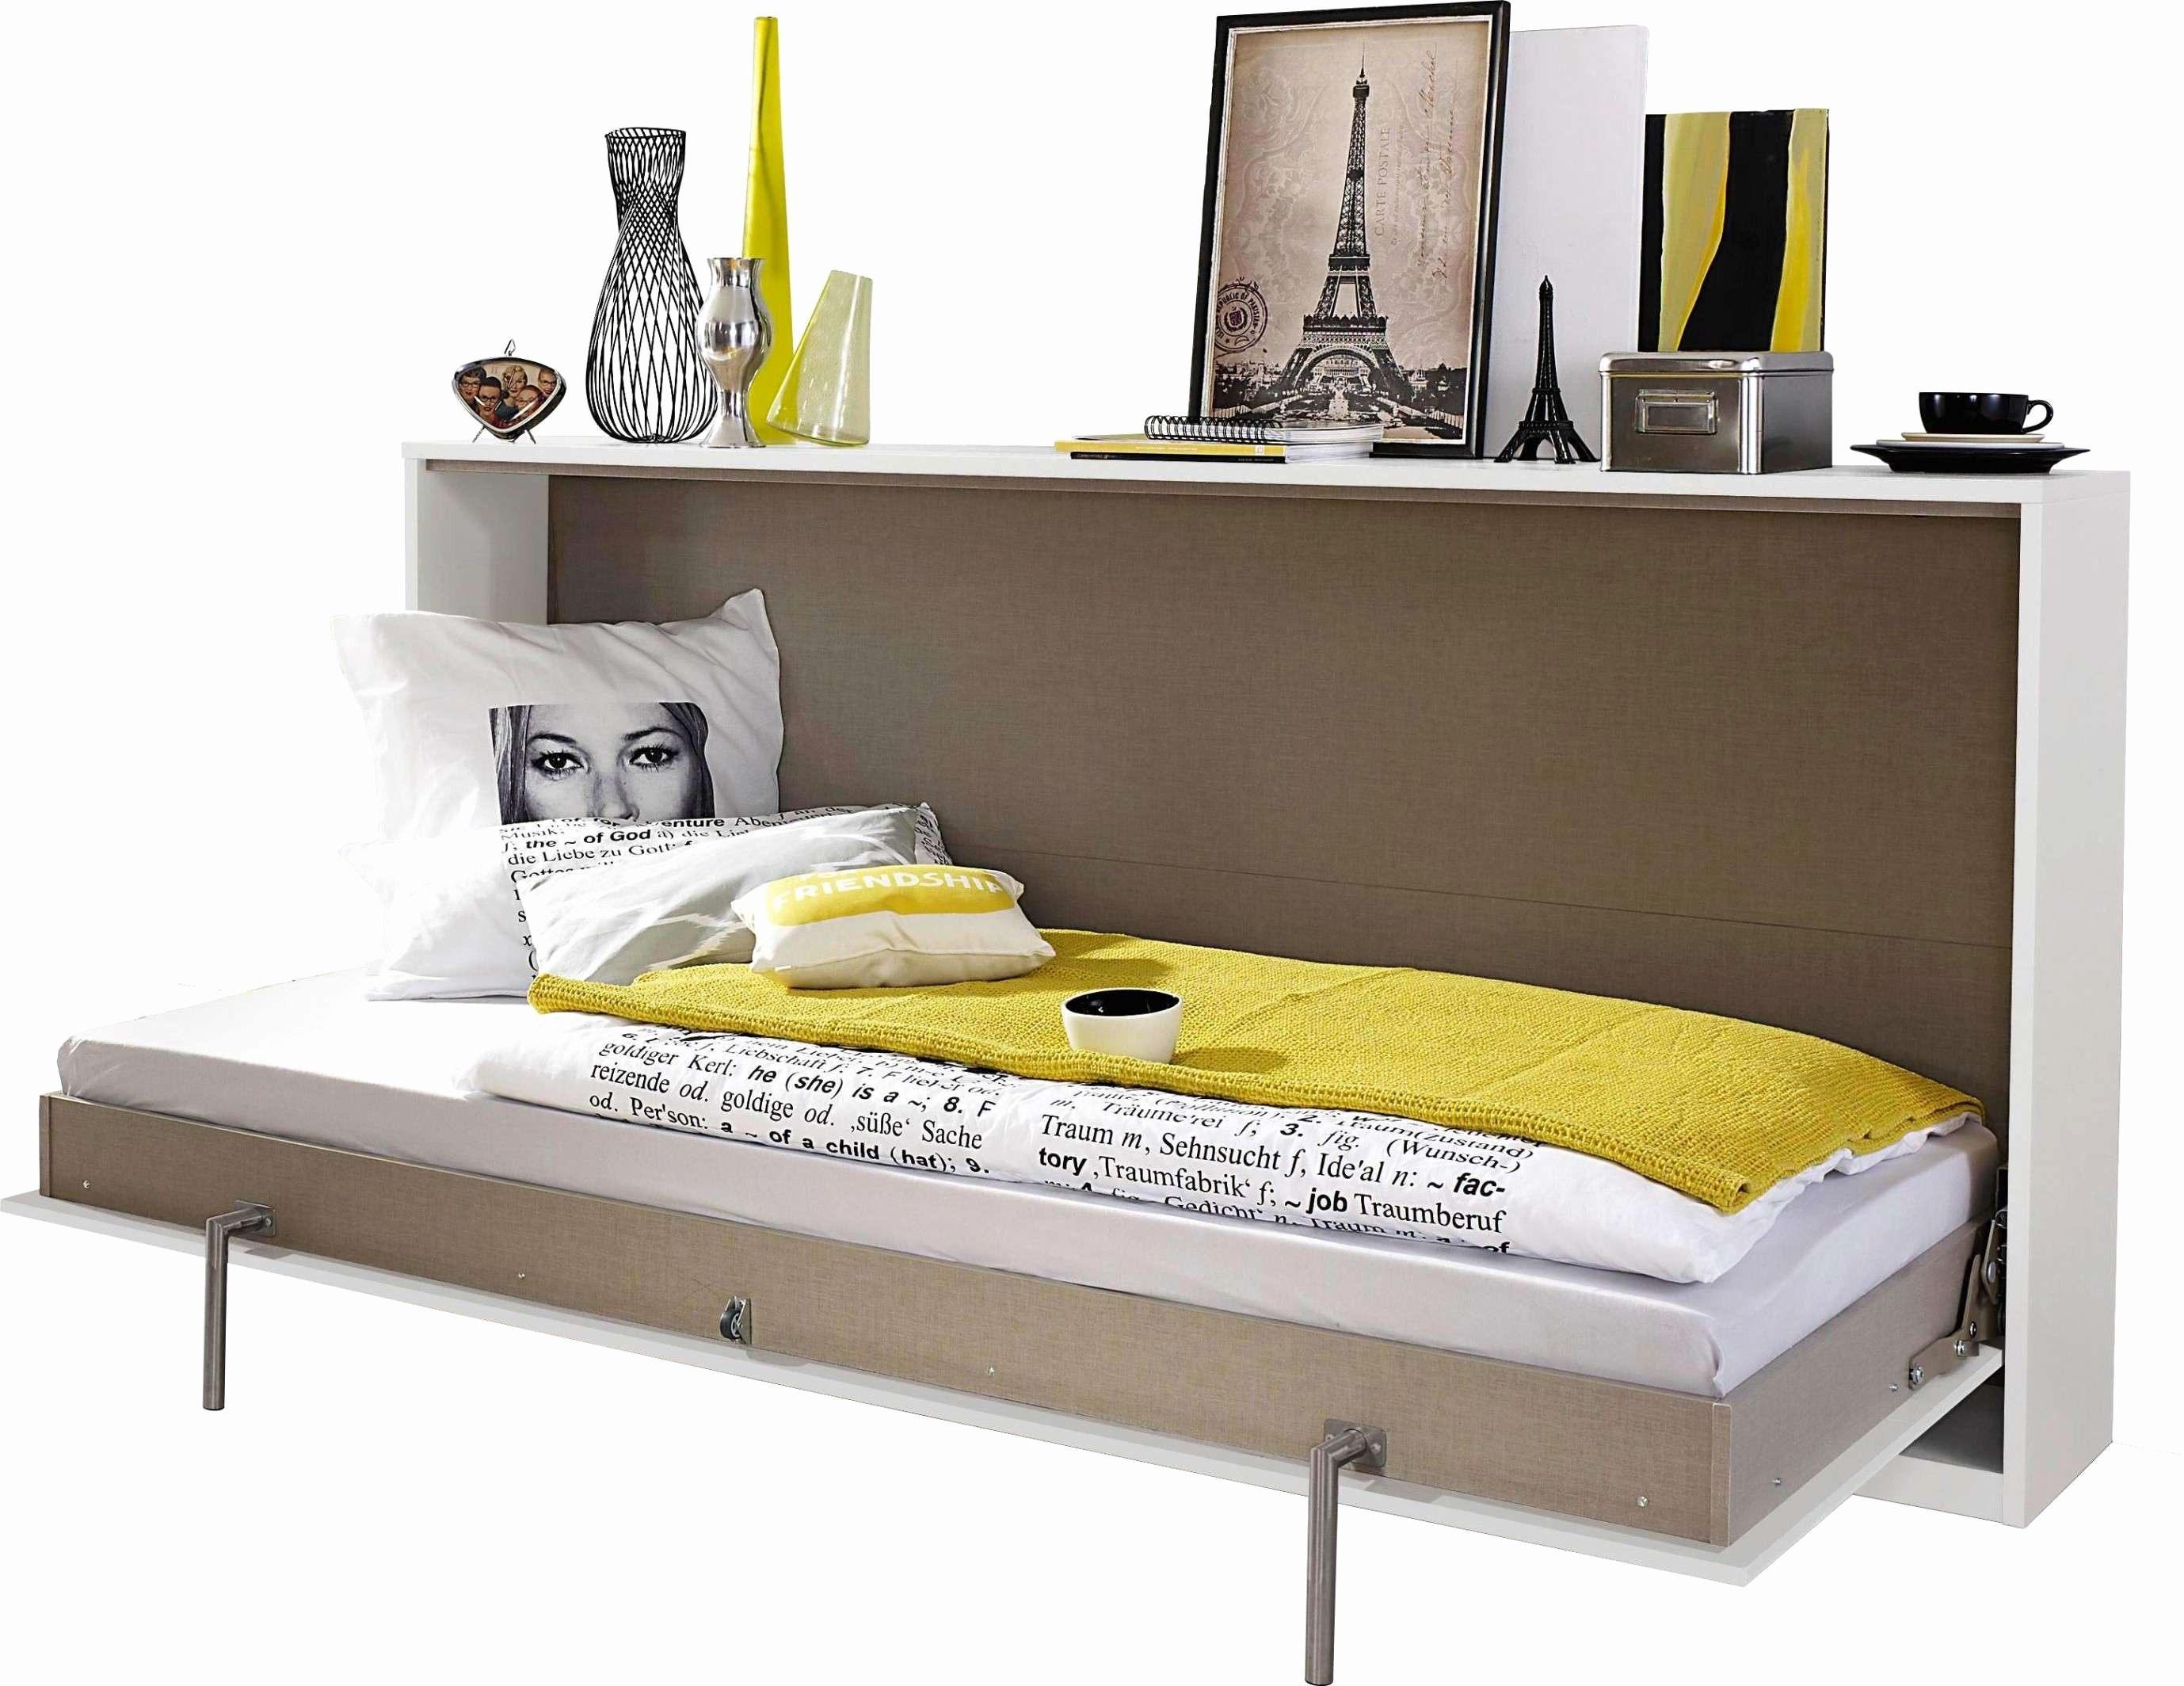 Couette Pour Lit 160×200 Bel Couette Pour Lit 160—200 Ikea élégant Tete De Lit Led L Gant 30 L